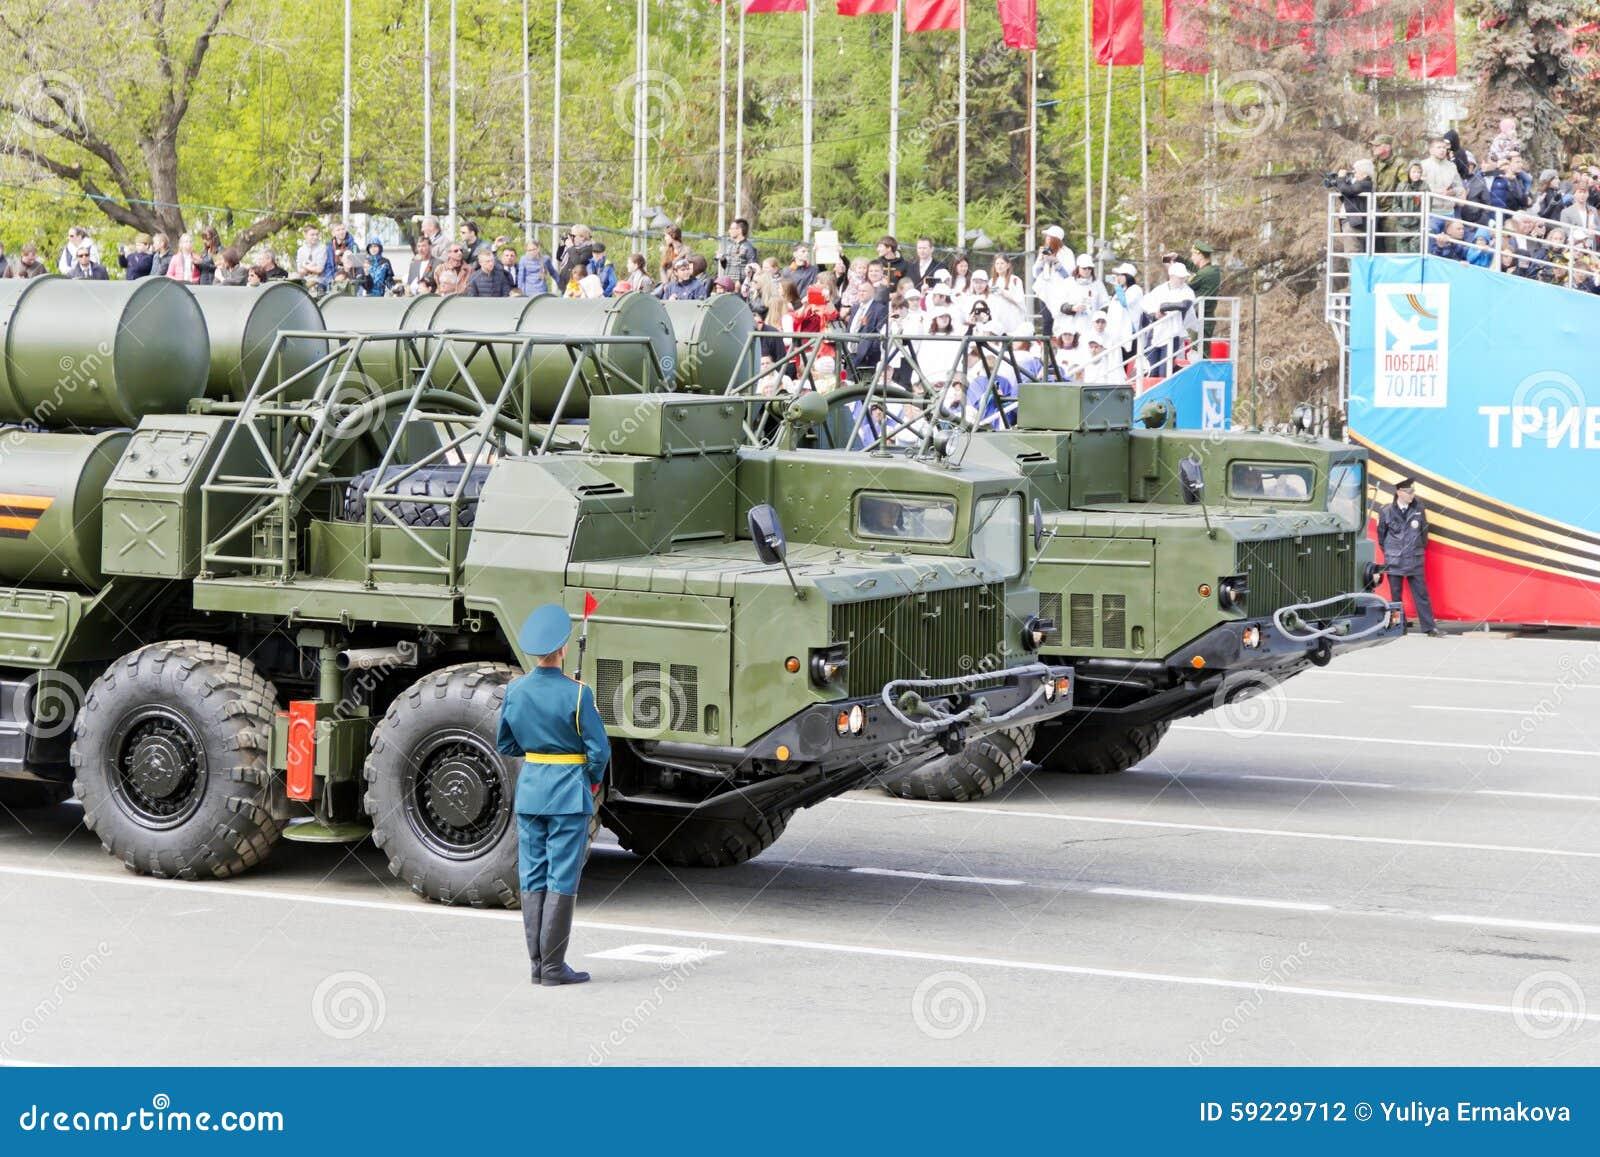 Download Los Militares Rusos Transportan En El Desfile En Victory Day Anual Fotografía editorial - Imagen de ejército, ceremonia: 59229712